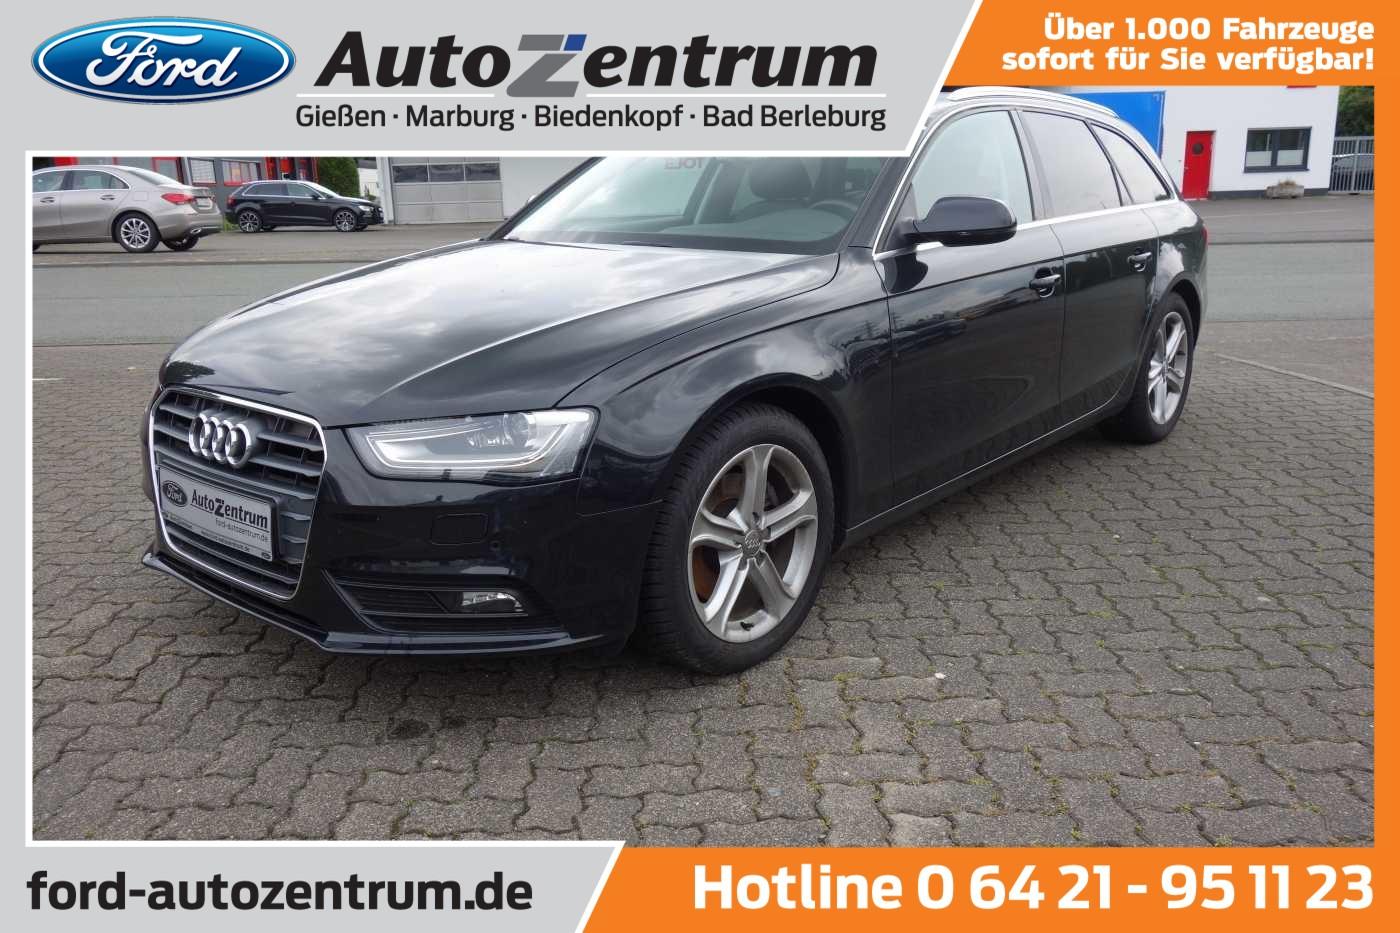 Audi A4 2.0 TDI DPF Avant Ambition Kombi Xenon, Jahr 2014, Diesel